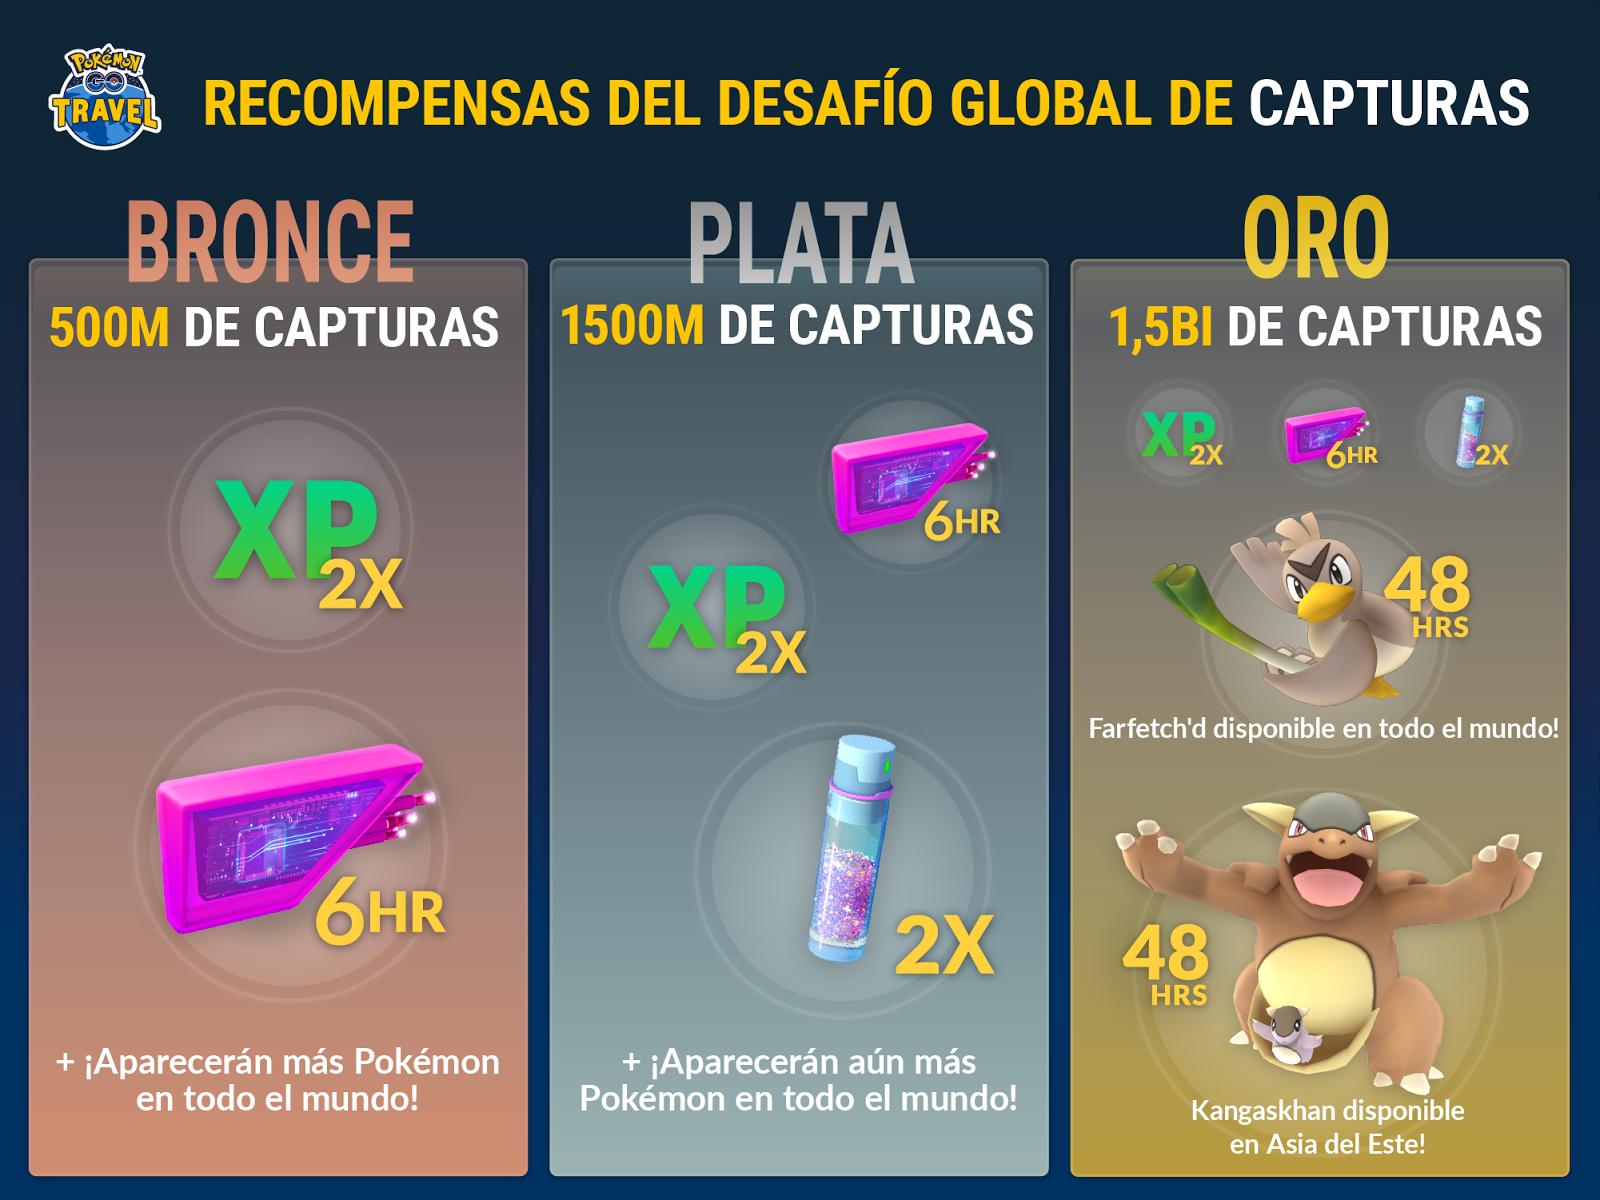 Pokémon GO presenta el desafío de captura global, ¡muchas recompensas!